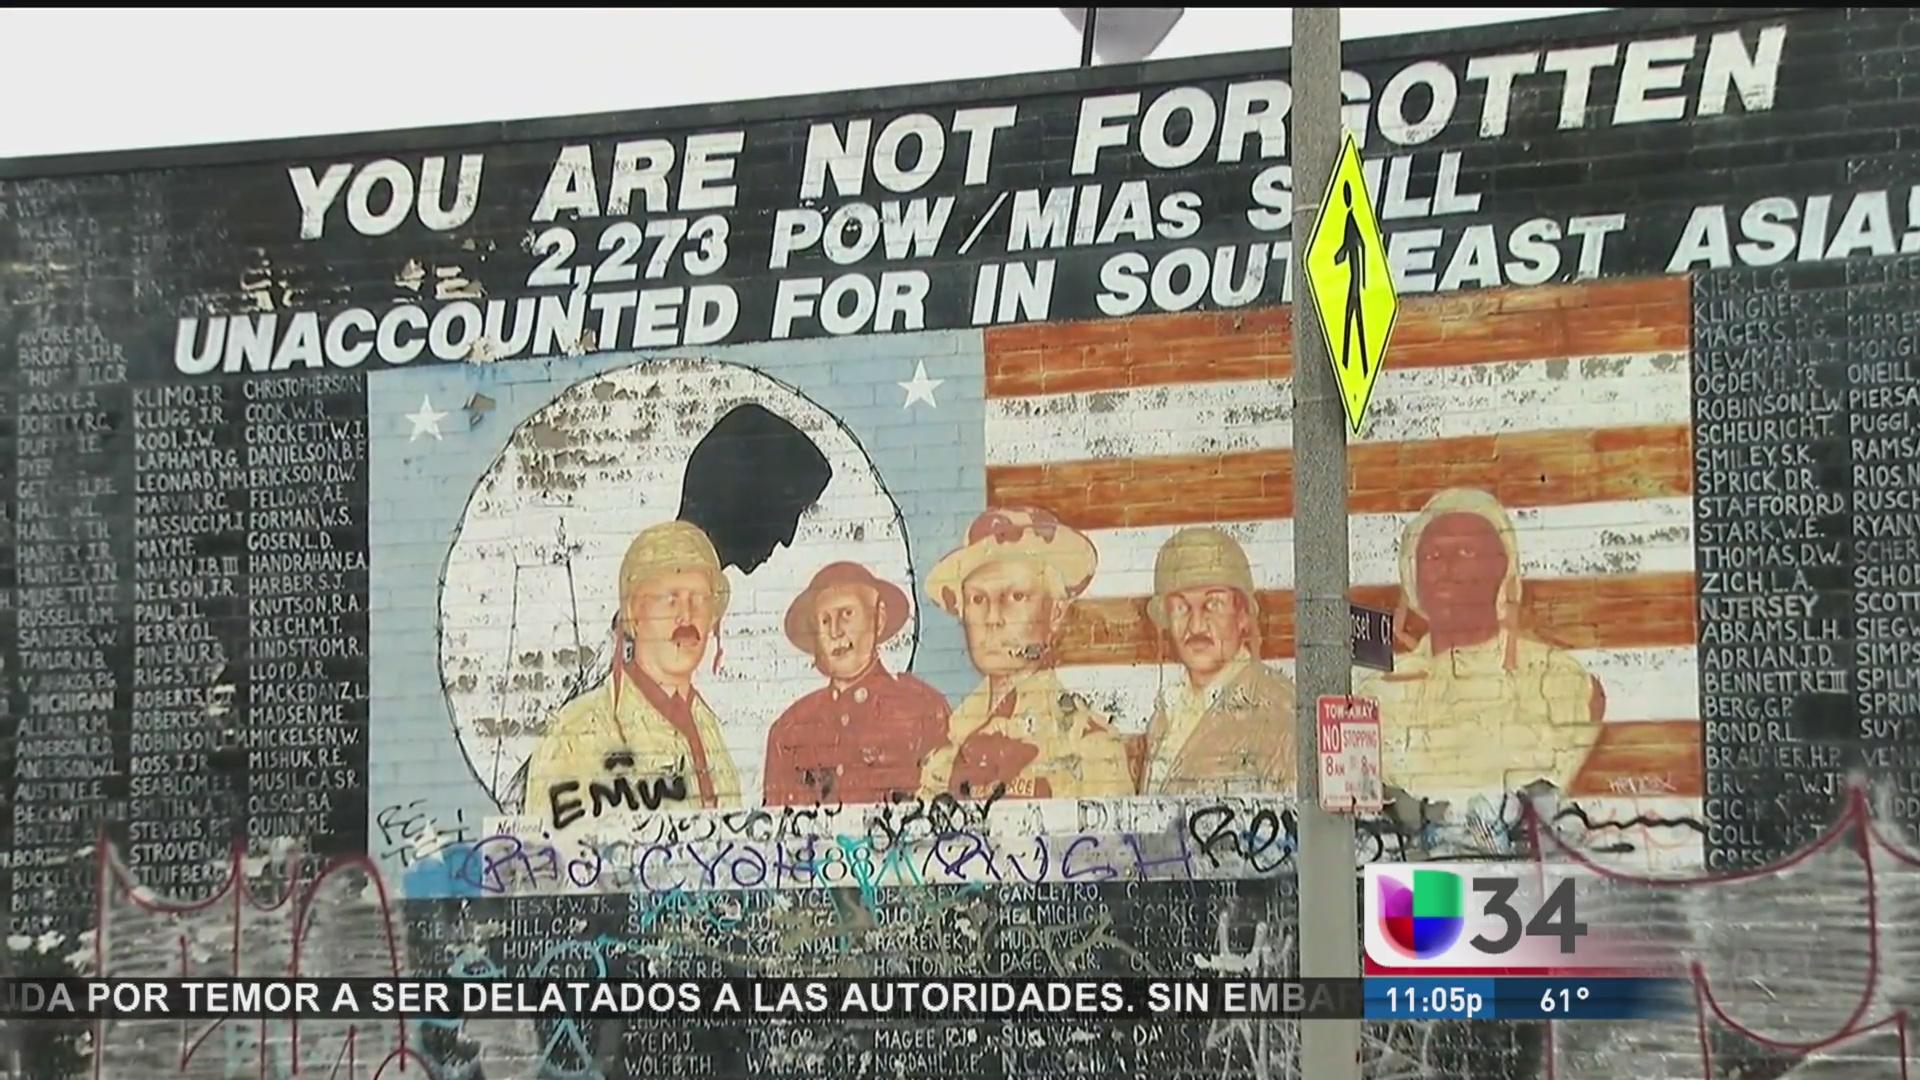 Vándalos destruyeron mural en honor a soldados